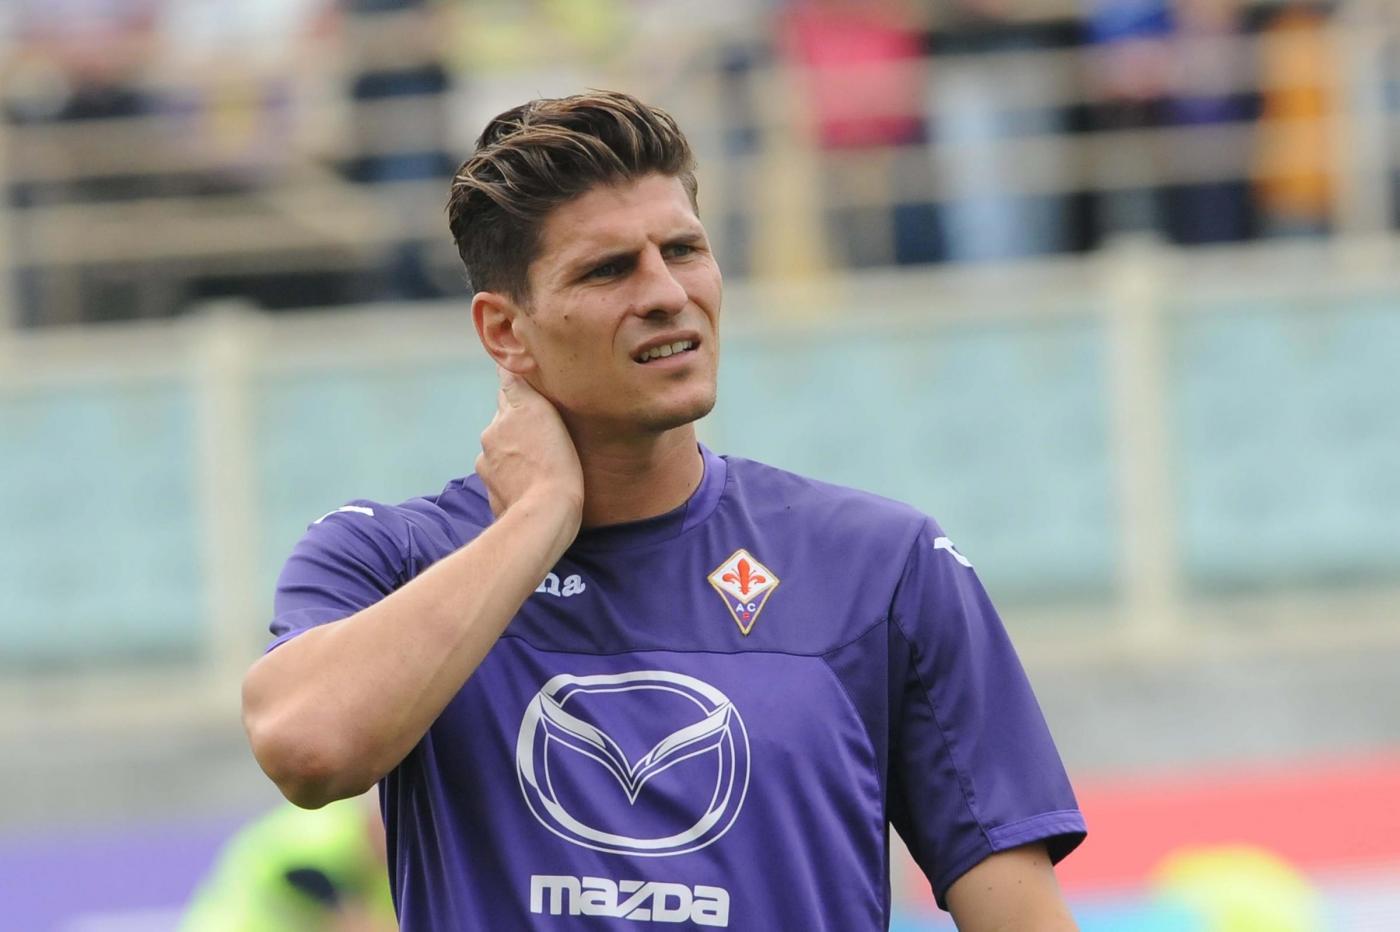 La viola cala il poker e sbanca Cagliari, torna al gol anche Gomez